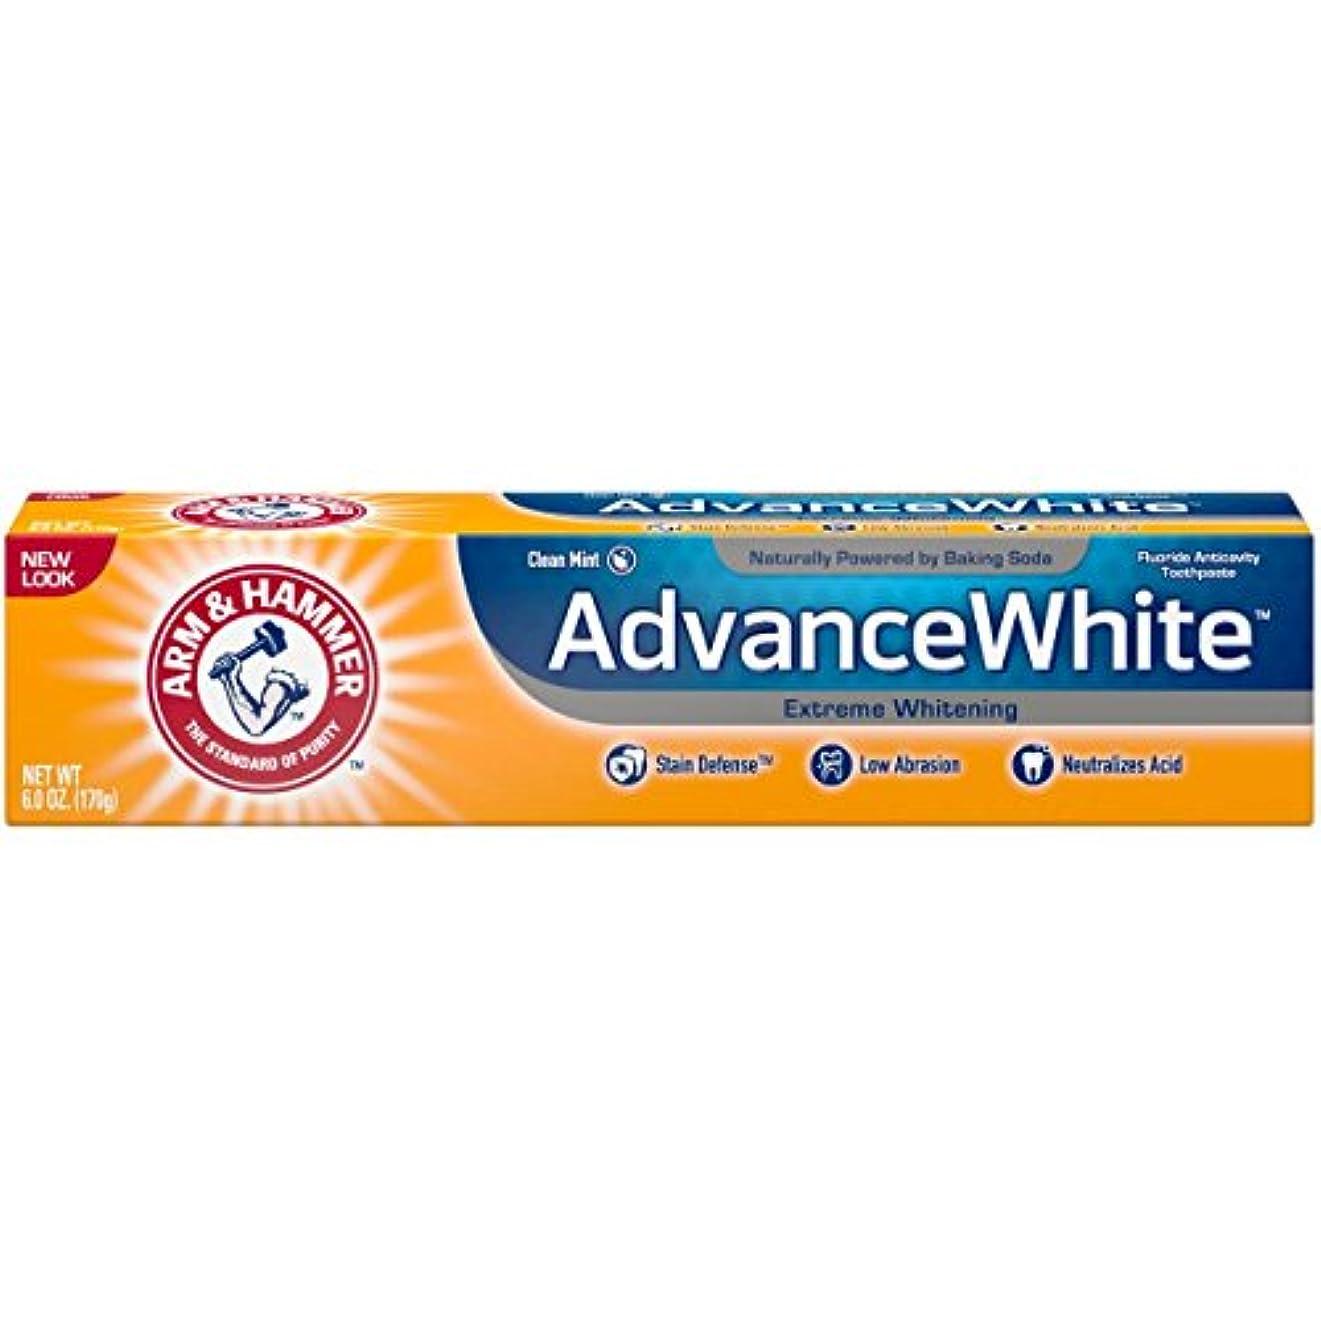 アソシエイト可塑性大脳Arm & Hammer アドバンスホワイトエクストリームホワイトニングで染色防衛の歯磨き粉、6オズ(3パック) 3パック